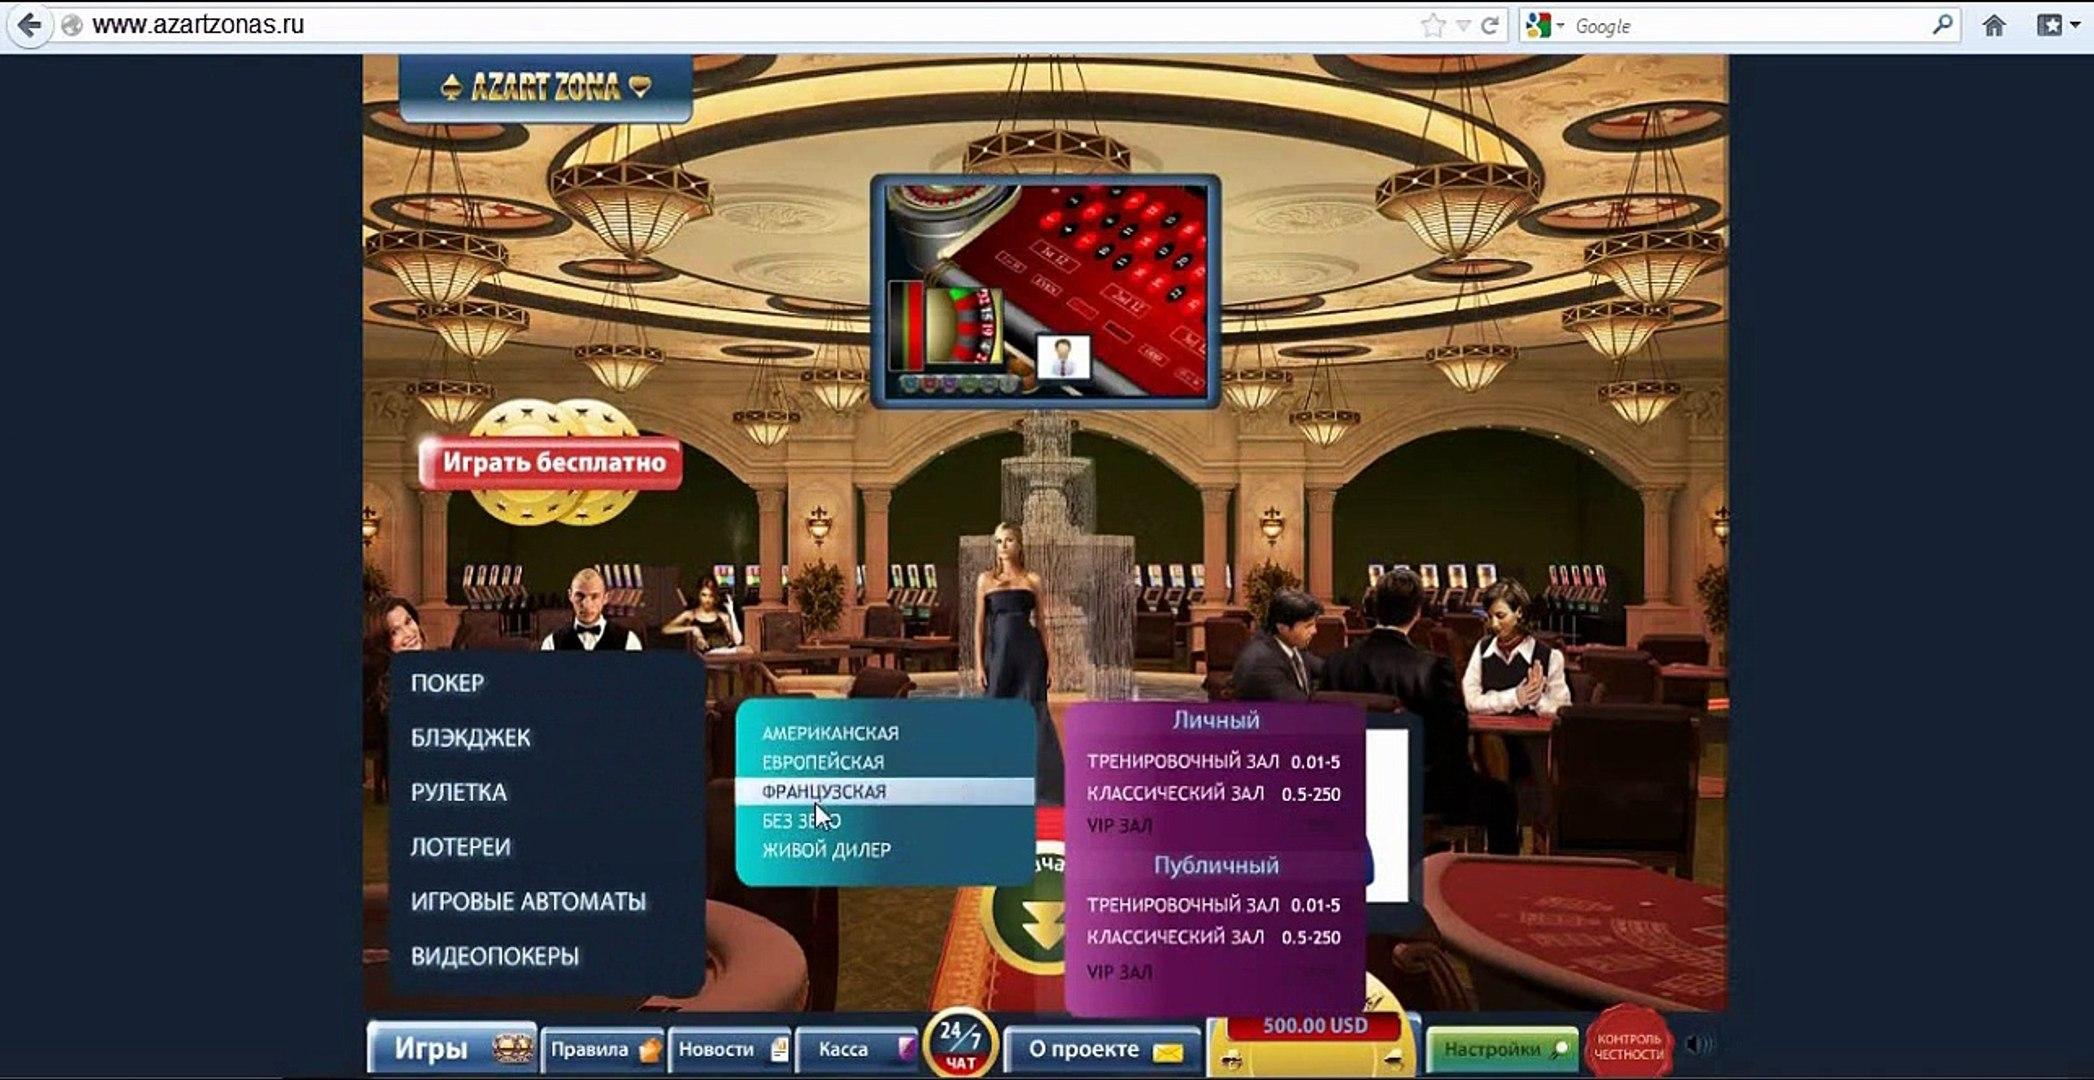 Азарт зона казино онлайн играть победитель онлайн турнира по покеру